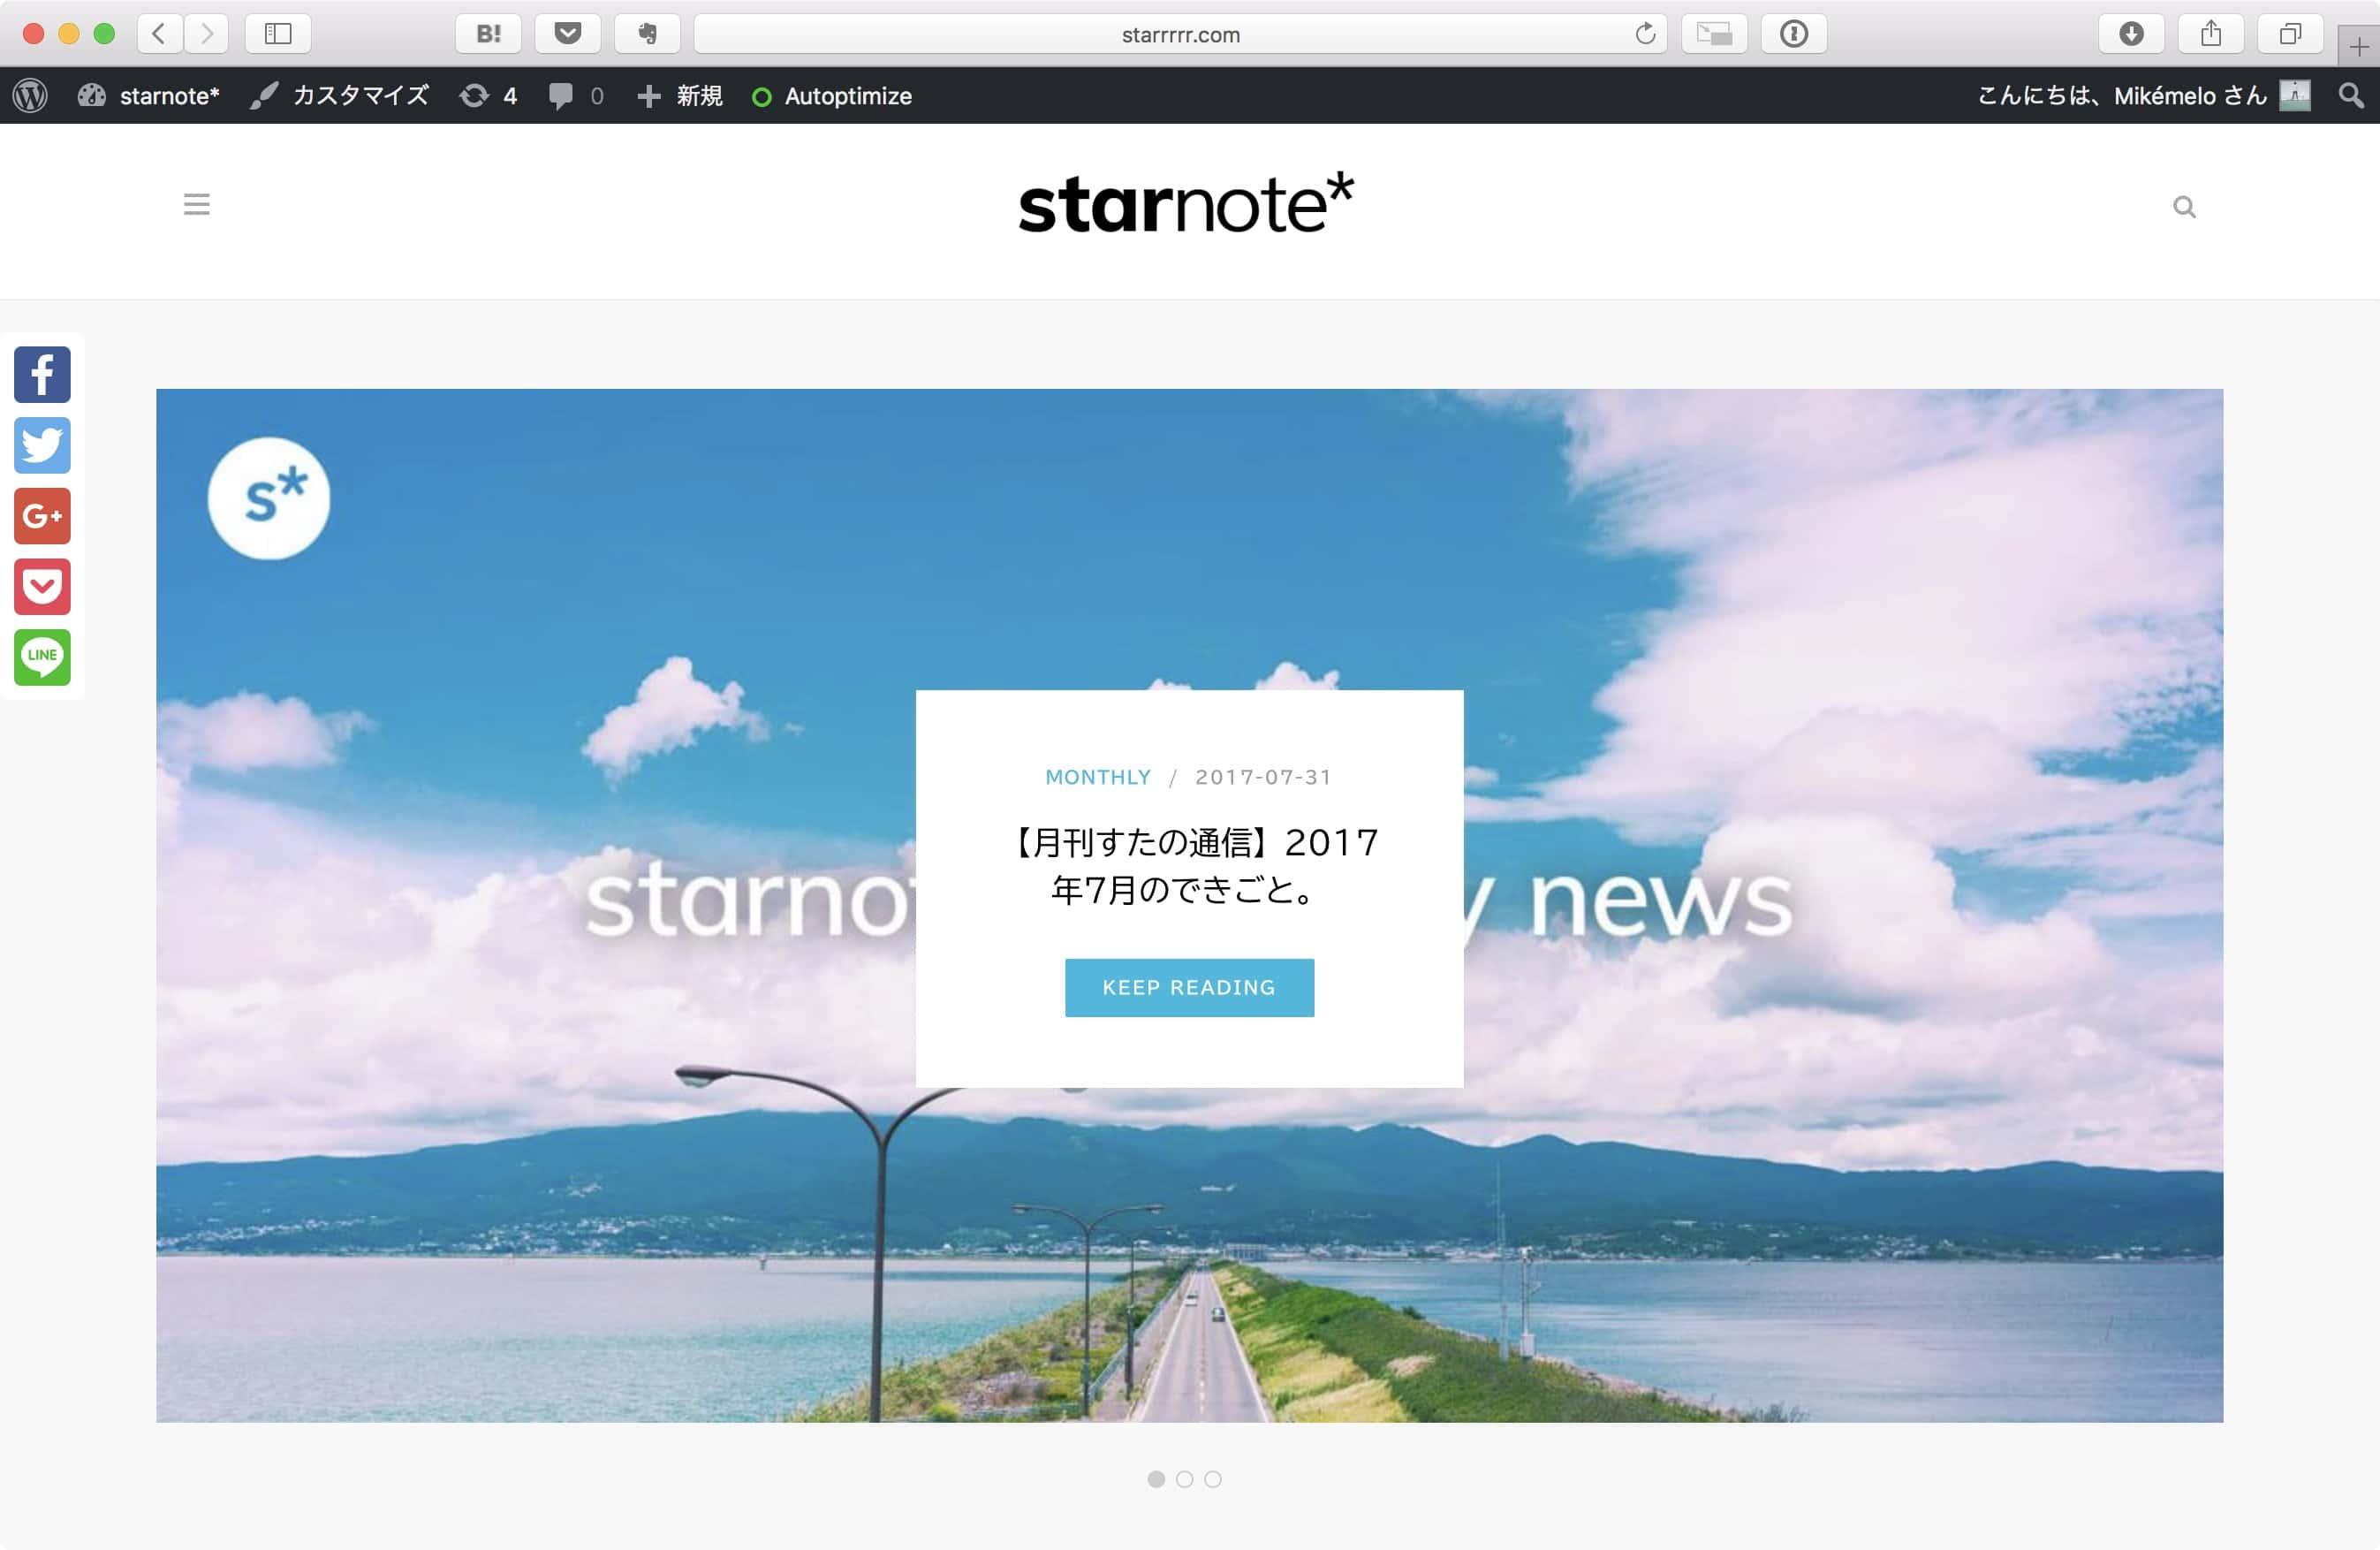 starnote* Present Design